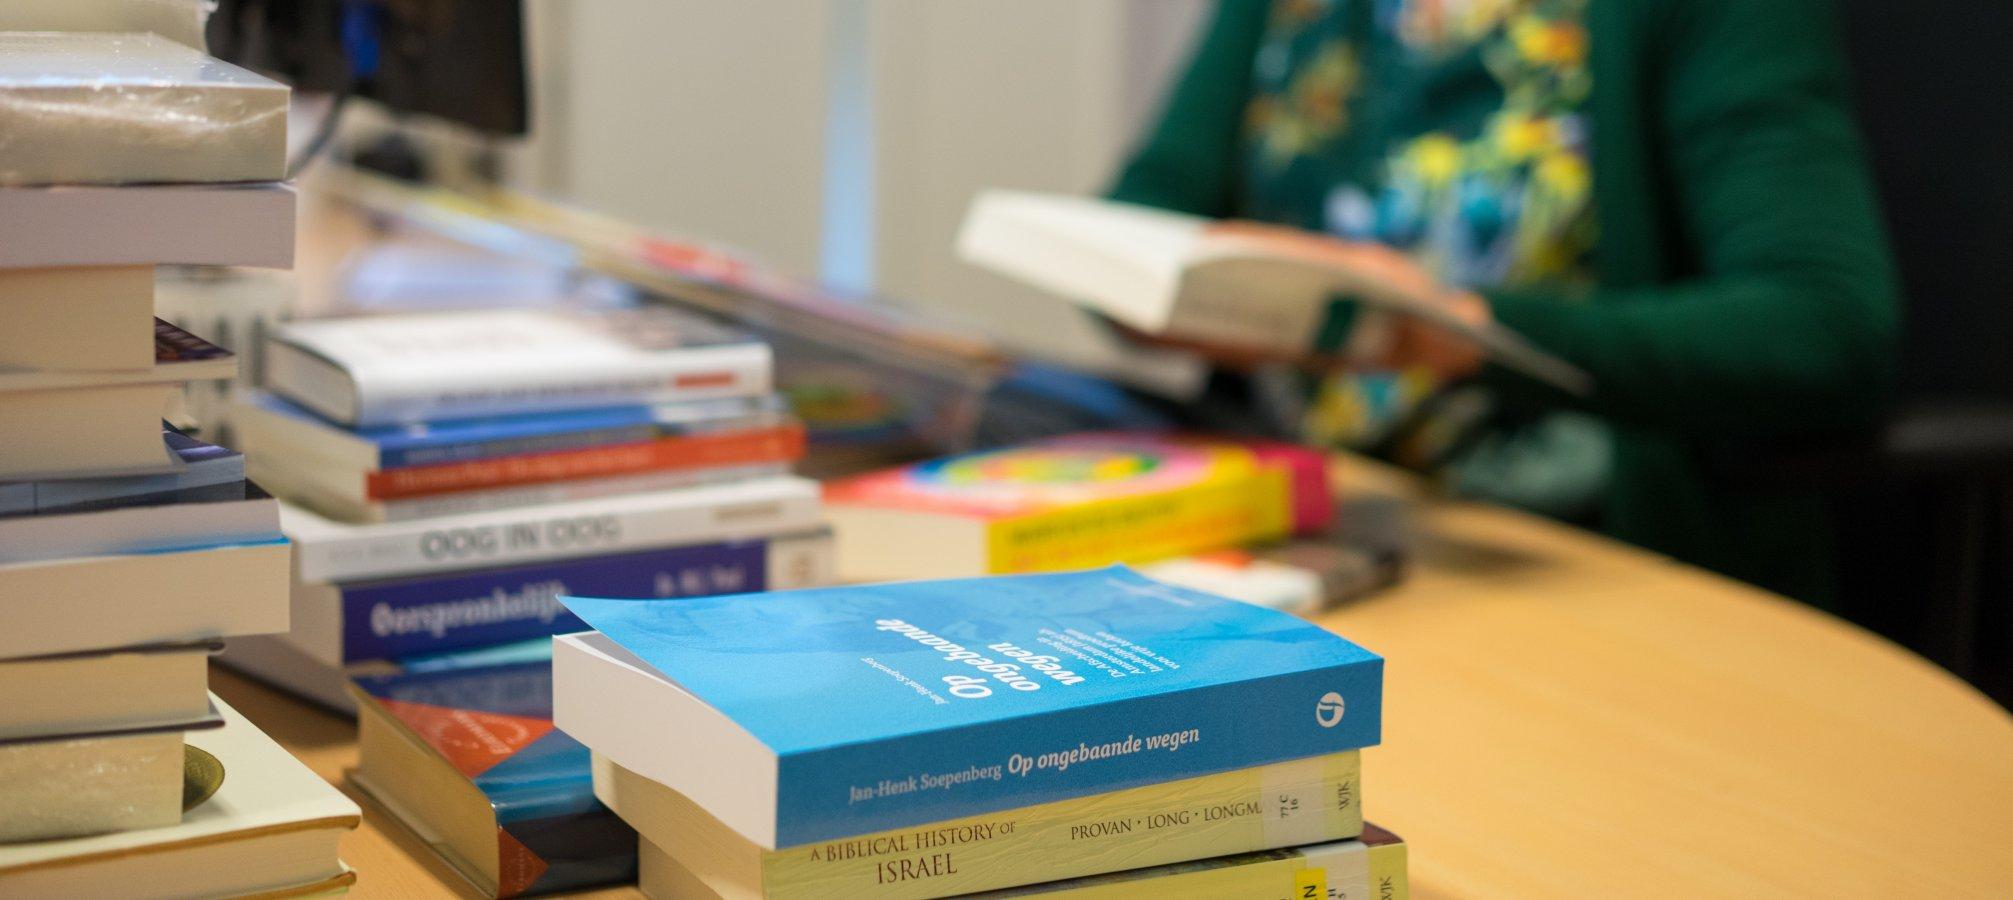 Image Vacature: bibliotheekmedewerker